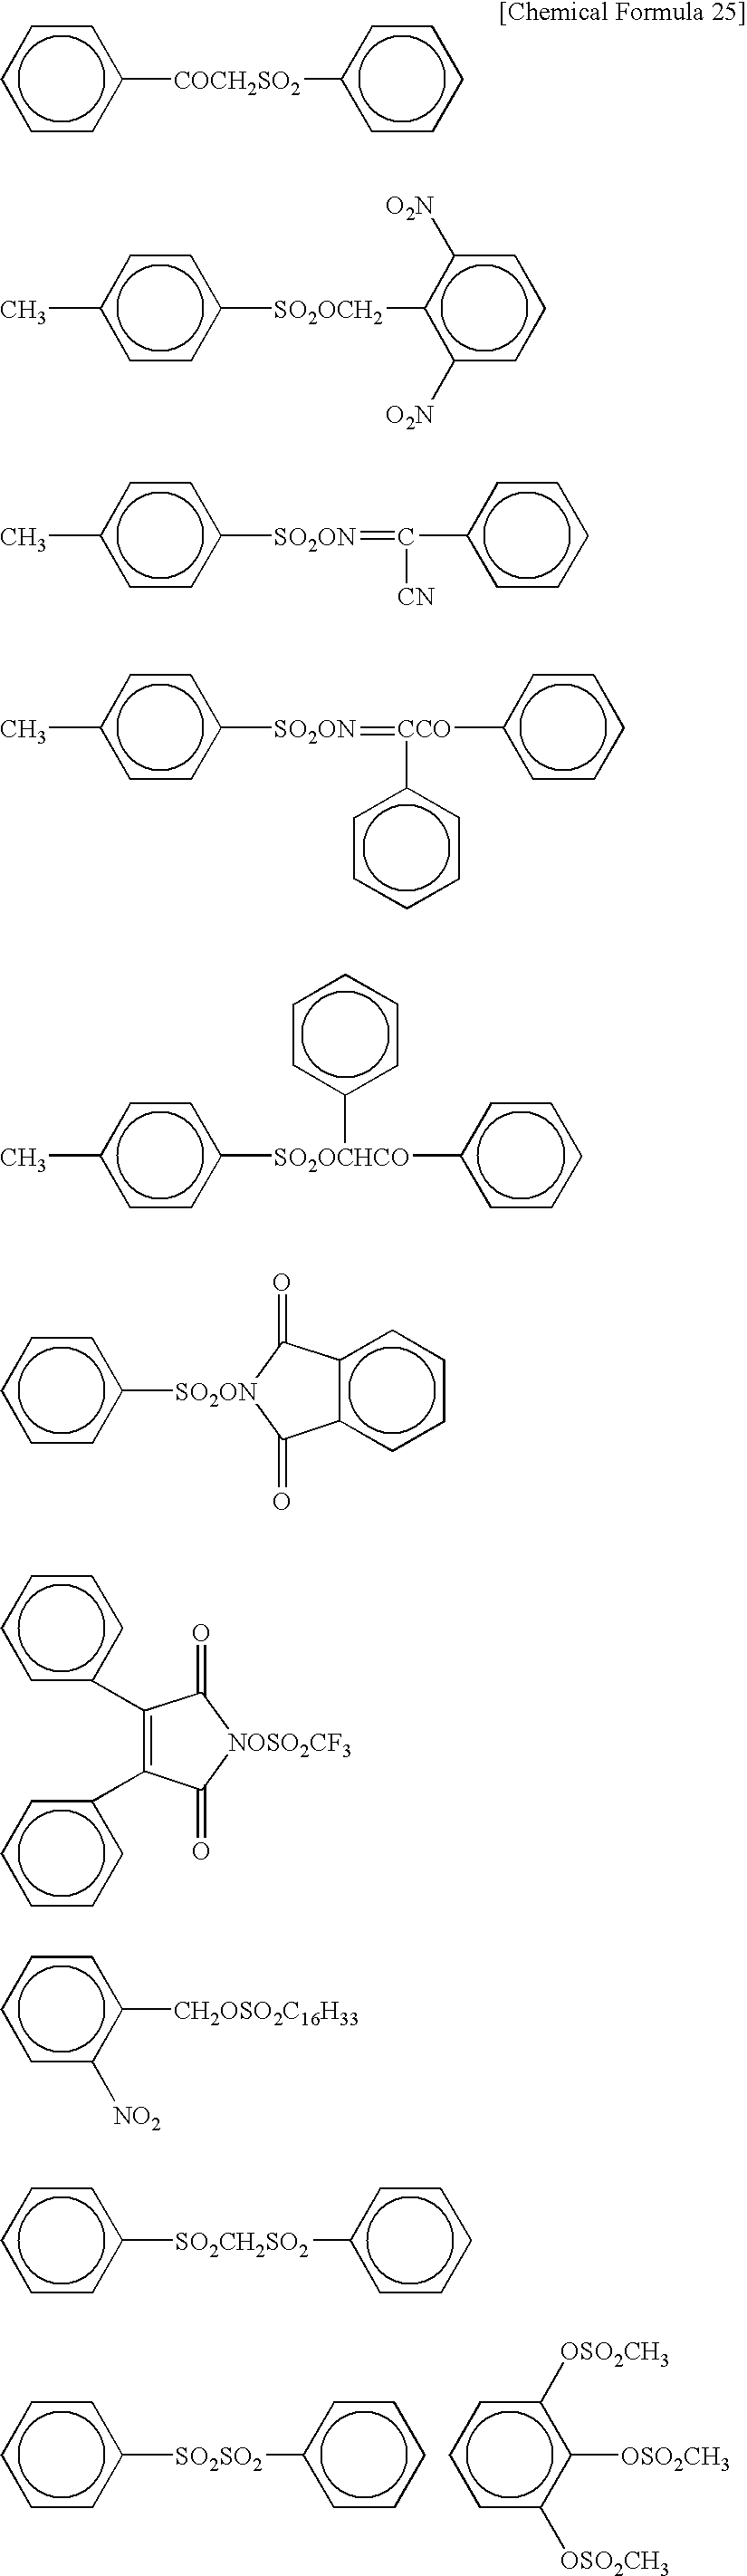 Figure US20040189728A1-20040930-C00021